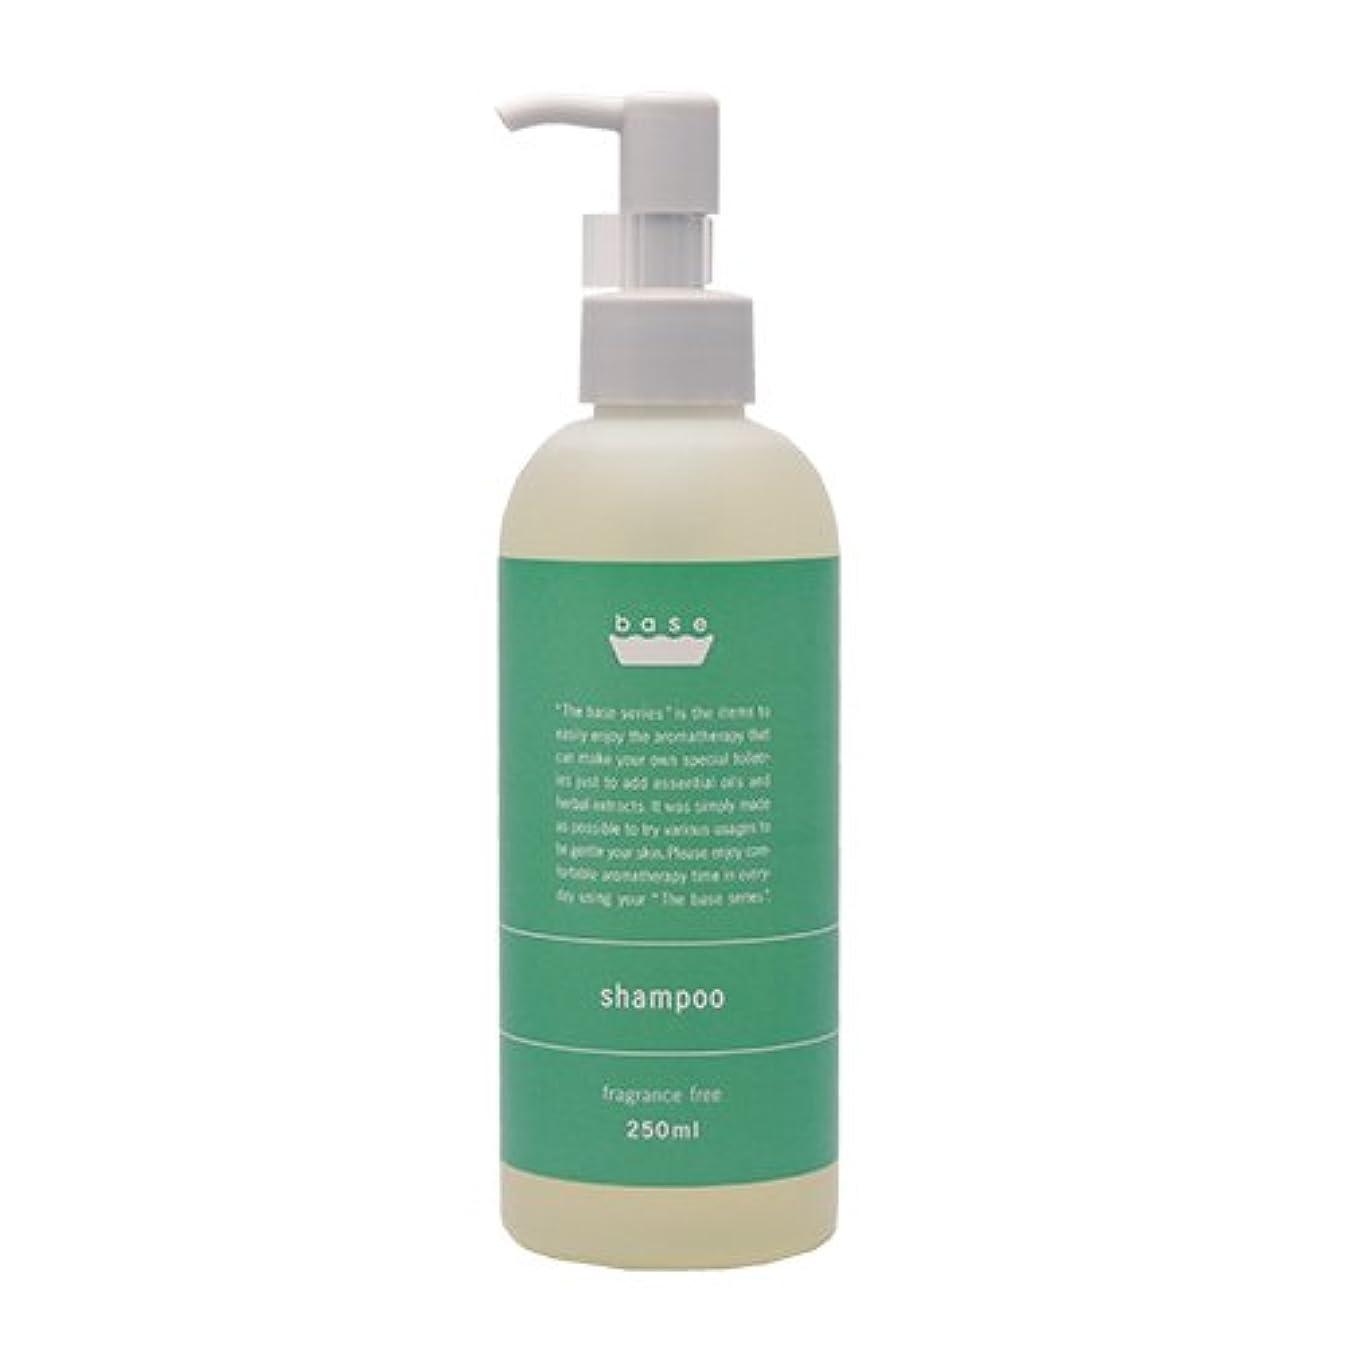 間接的トムオードリース炎上base shampoo(ベースシャンプー)250ml